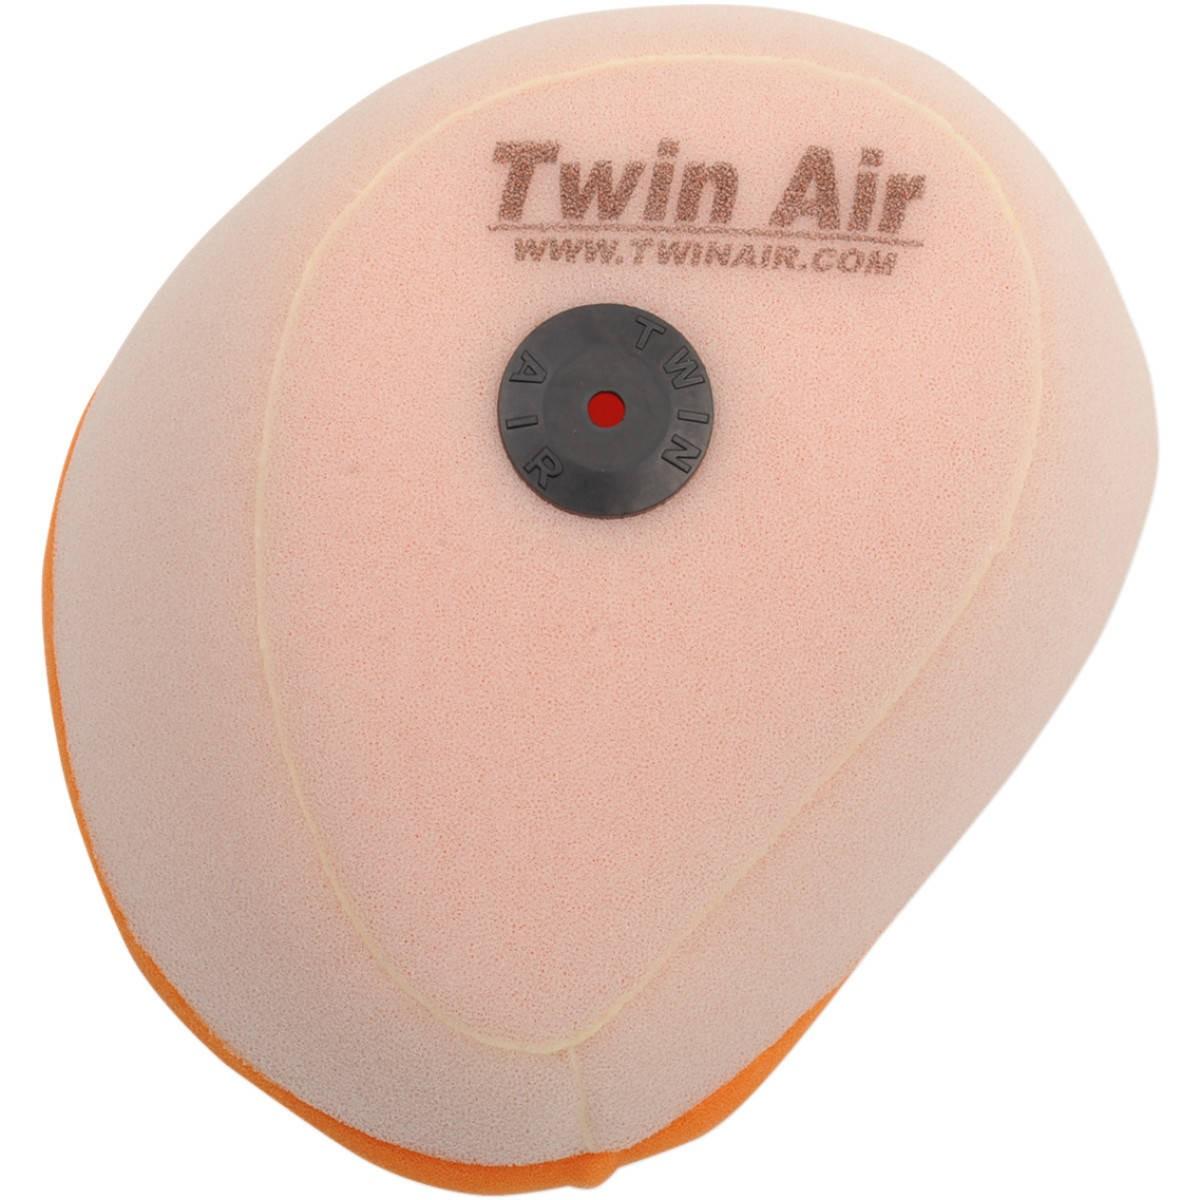 Twin Air Air Filter - 151119